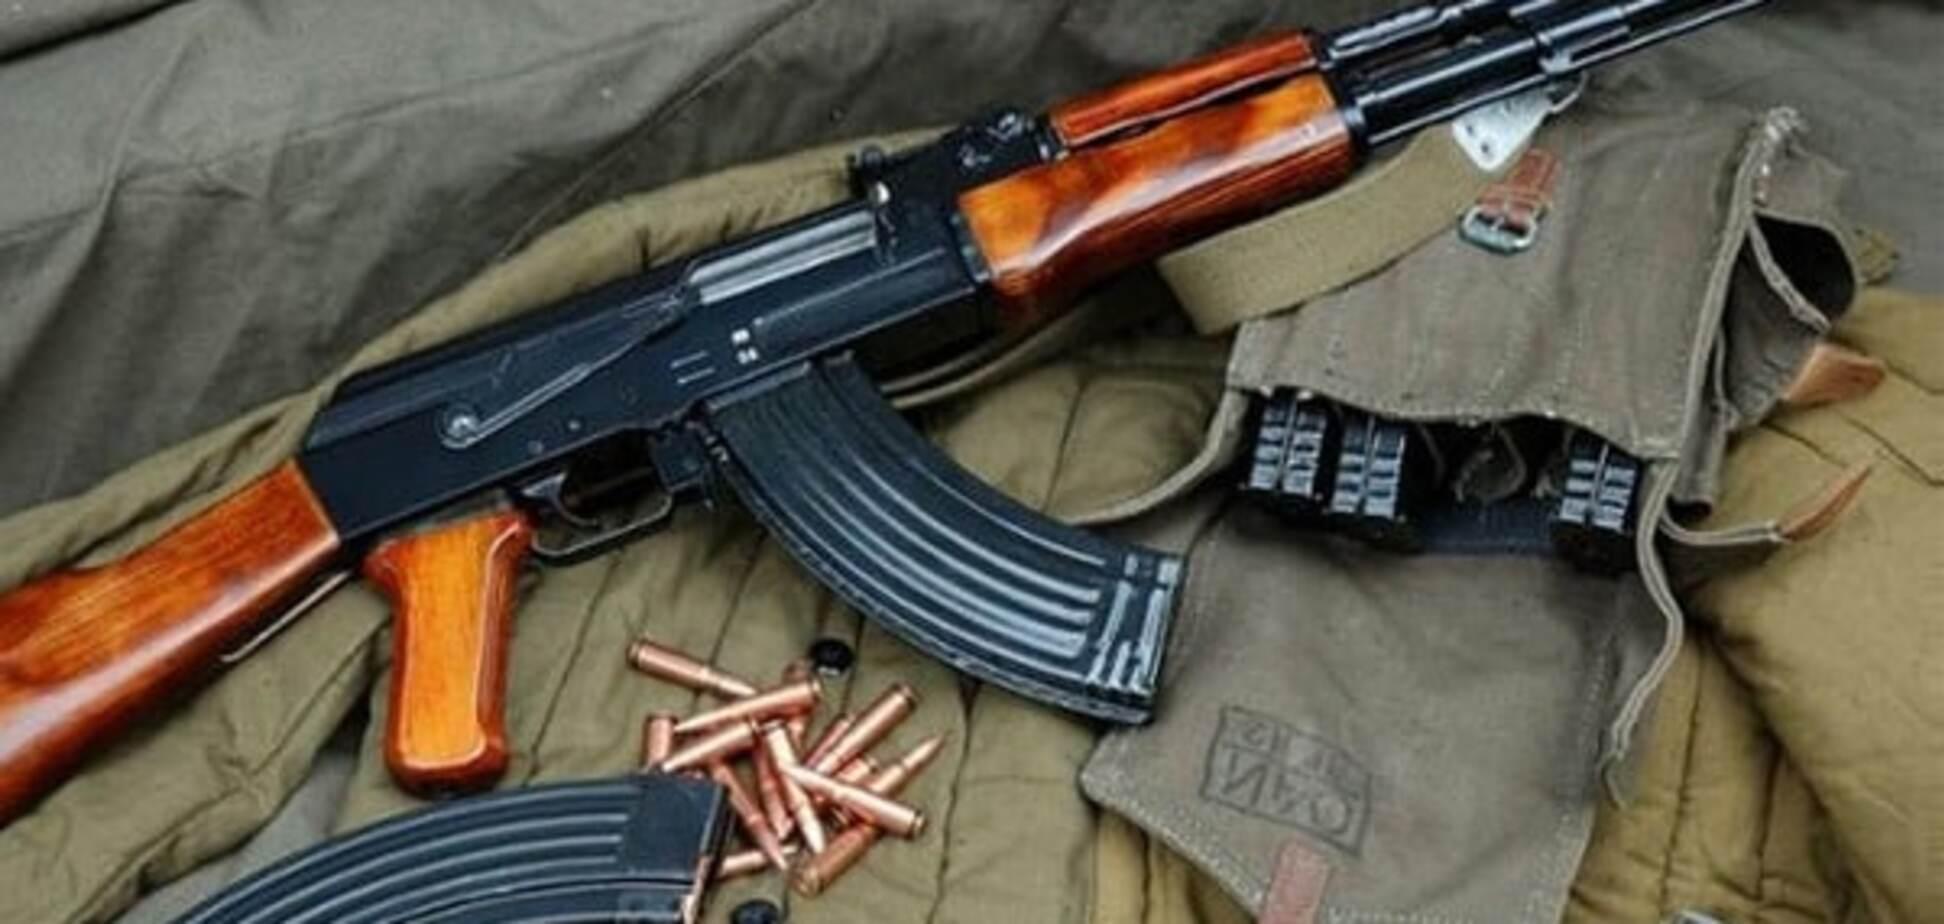 Убийство в Лисичанске: депутат из Тернополя 'казнил сепаратиста'